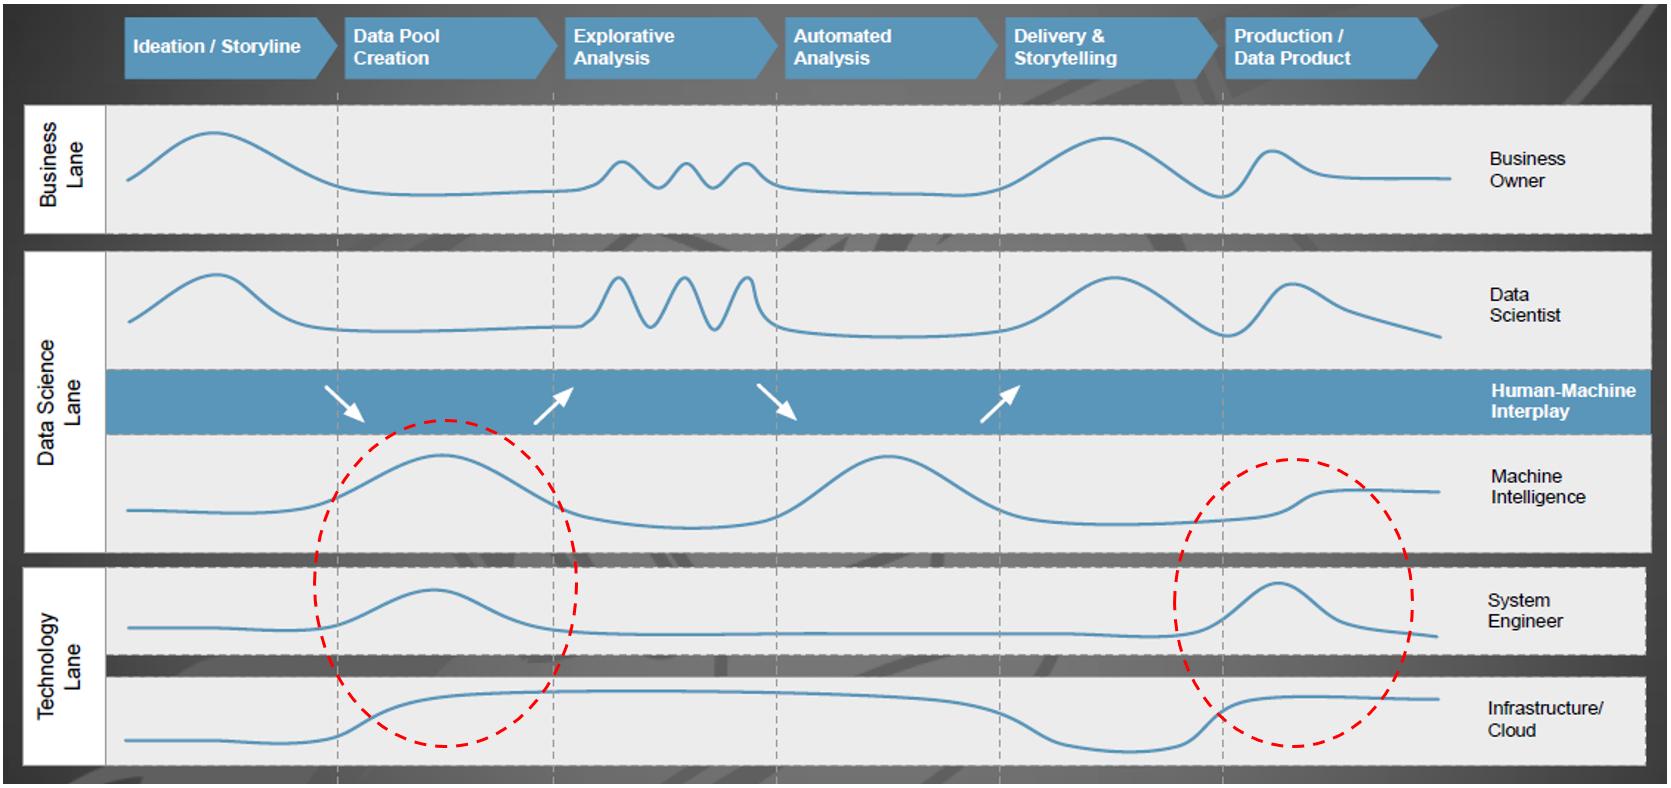 Beteiligung und Interaktion von Fachbereichs- bzw. IT-Funktionen mit dem Data-Science-Team. (Abb. 1)